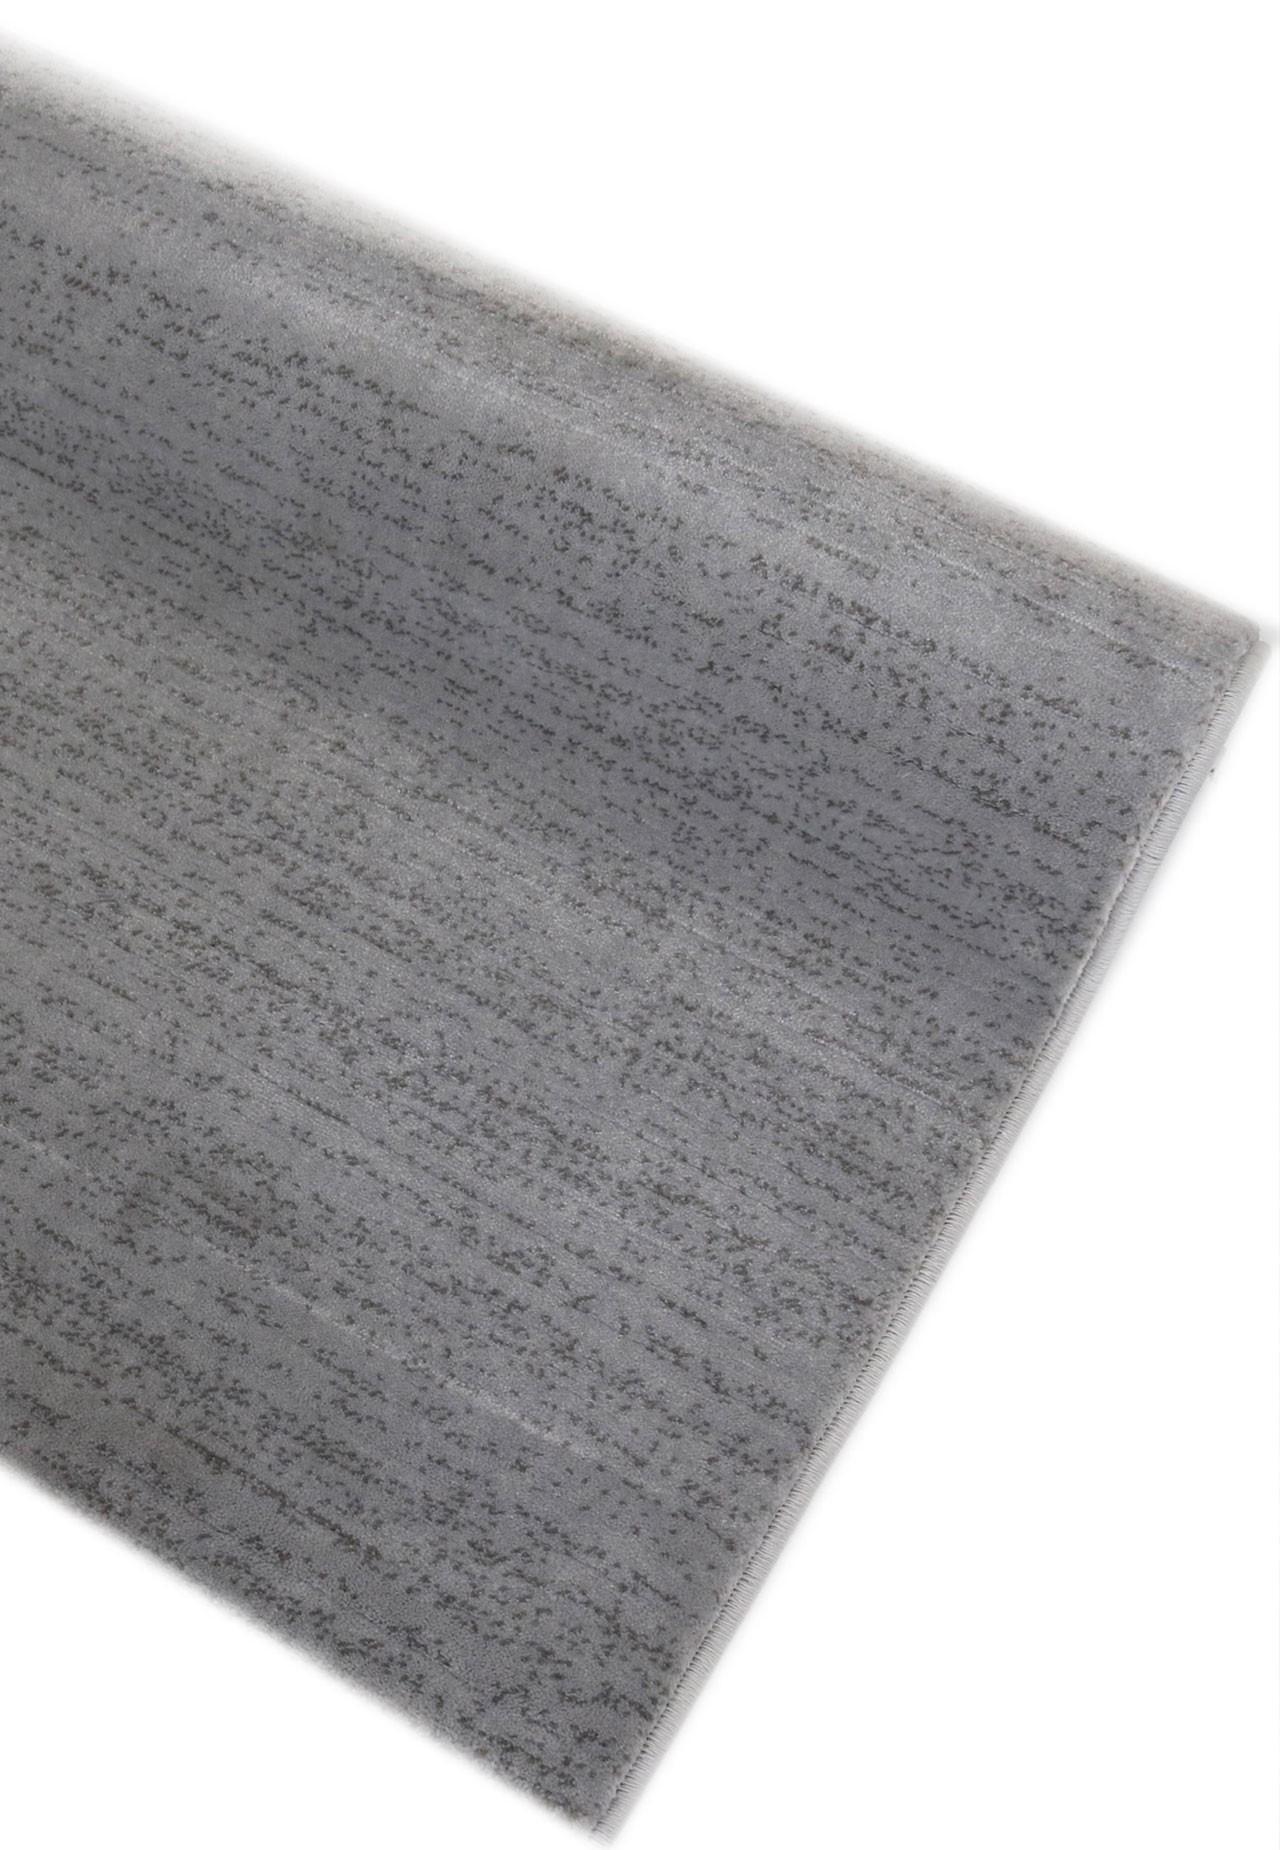 d coration tapis salon gris clair 11 calais tapis moderne salon alger ikea tapis salon. Black Bedroom Furniture Sets. Home Design Ideas